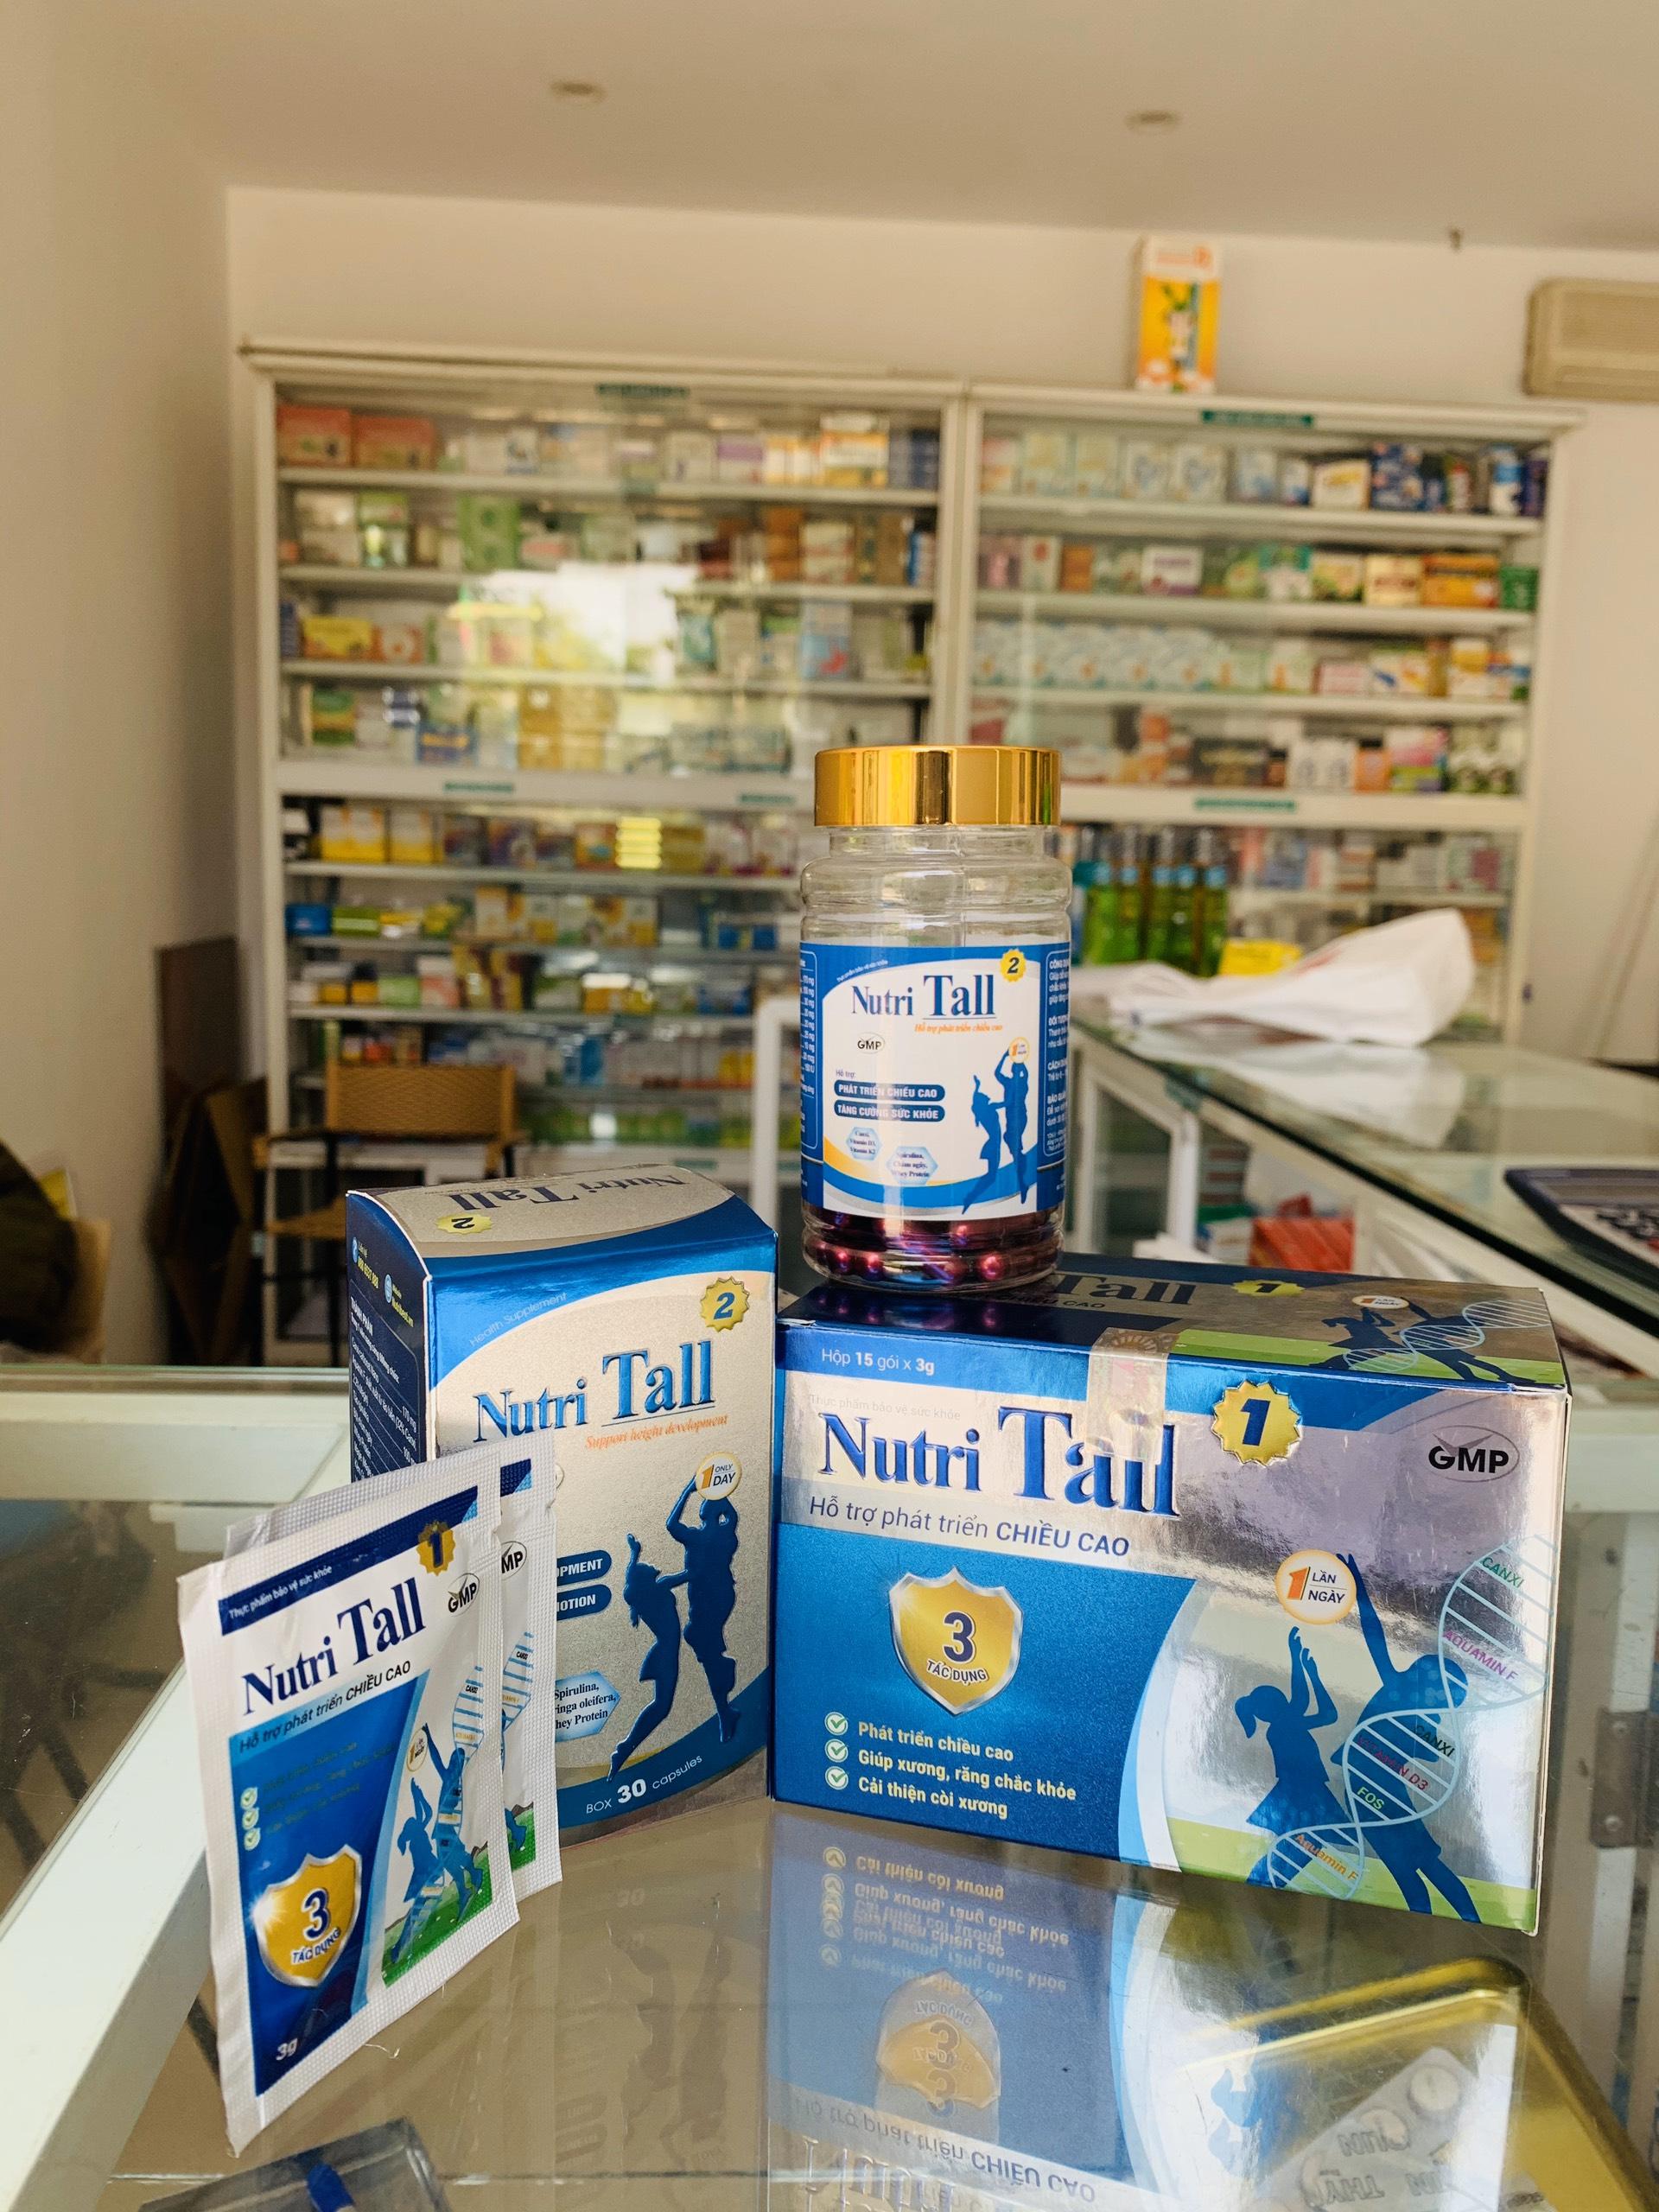 Thực phẩm bảo vệ sức khỏe Hỗ trợ tăng chiều cao Nutri Tall 1 - Chuyên biệt phát triển chiều cao cho trẻ 2-8 tuổi - Kết hợp Canxi Nano, Canxi Hữu Cơ, Vitamin D3, MK7